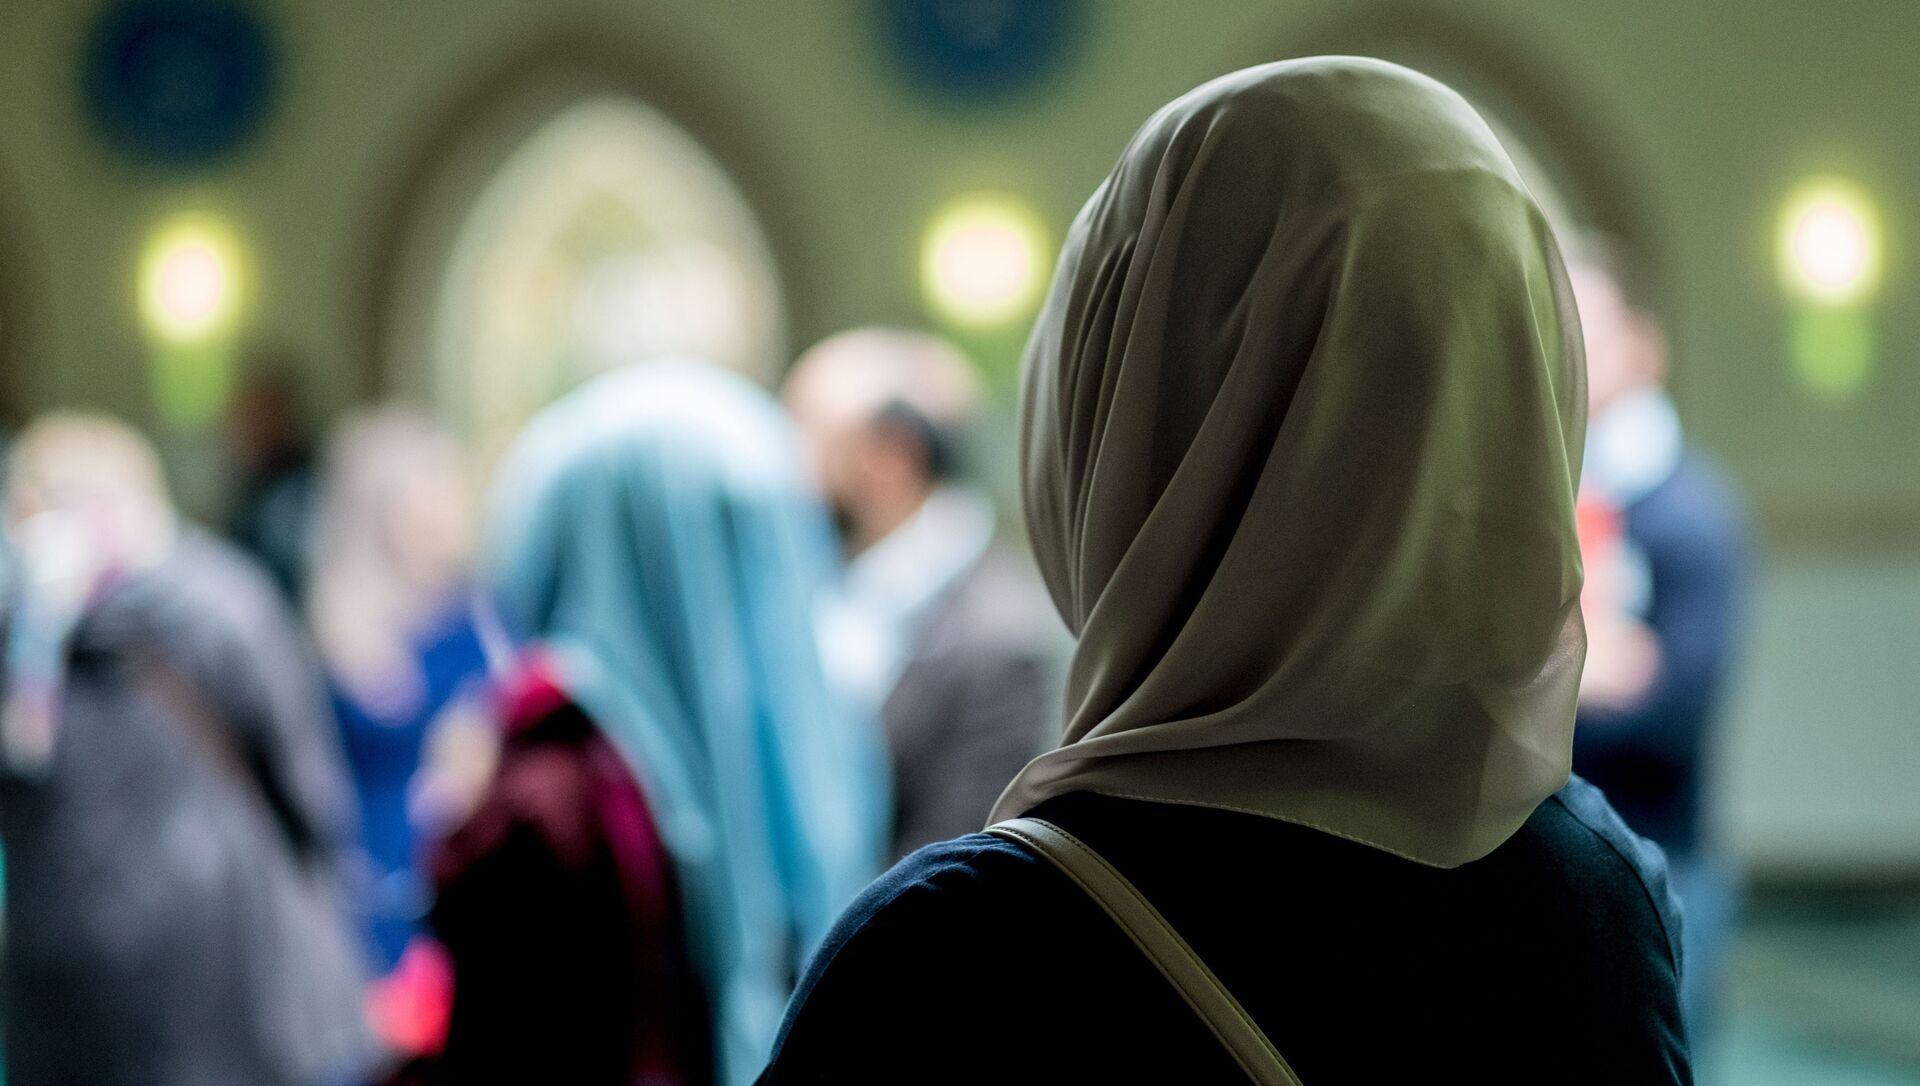 Una donna musulmana in una moschea - Sputnik Italia, 1920, 20.04.2021